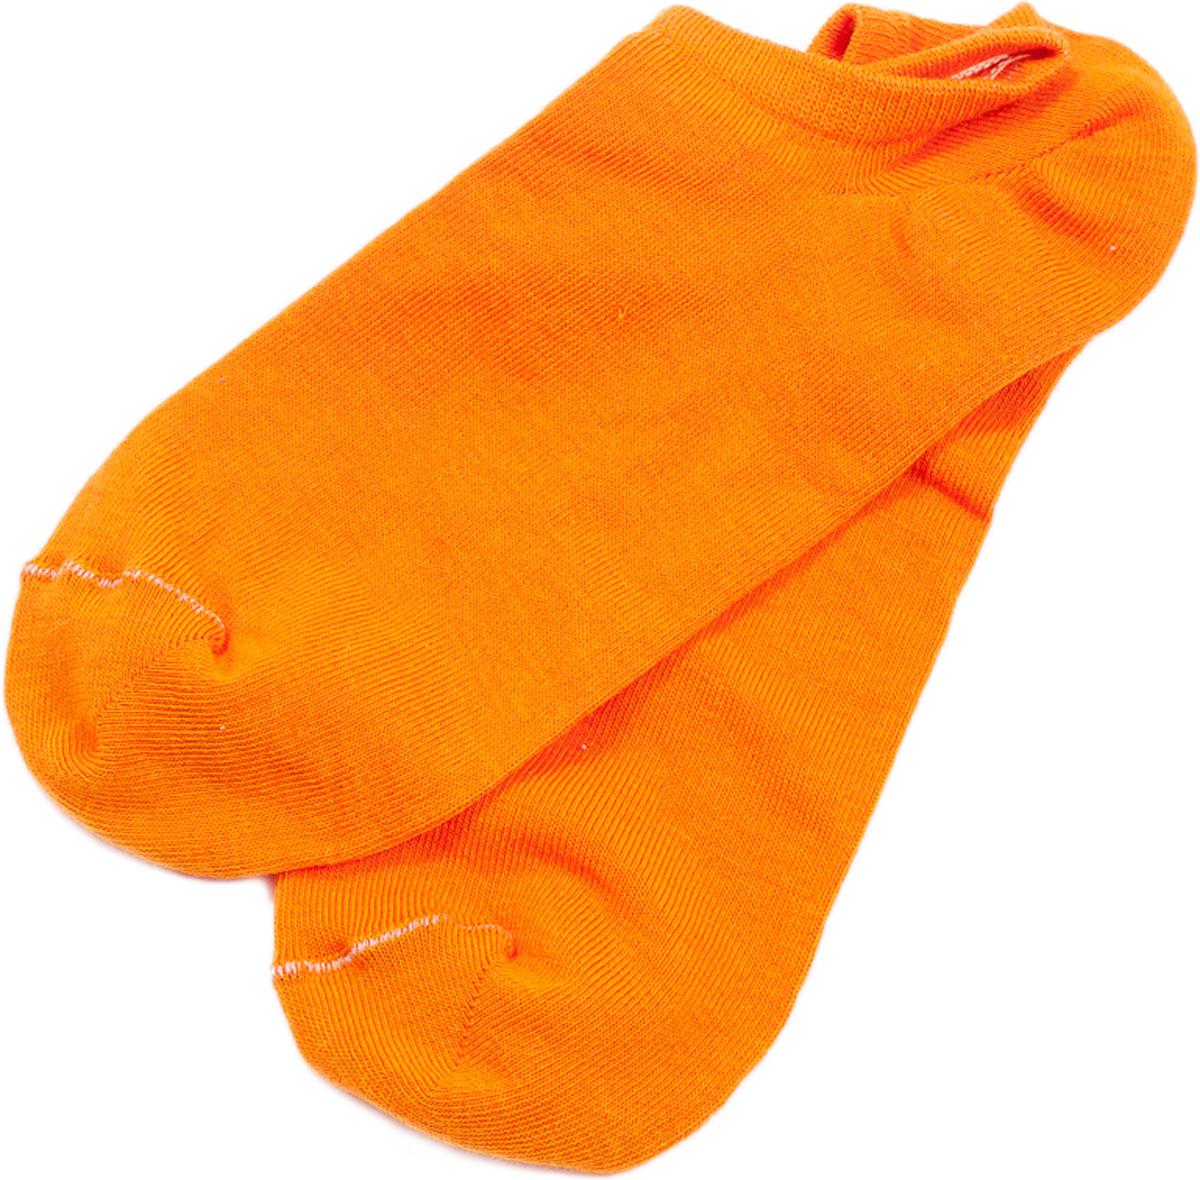 Носки женские Mark Formelle, цвет: оранжевый. 310C-489. Размер 36/37310C-489Удобные укороченные носки от Mark Formelle, изготовленные из высококачественного хлопкового материала с добавлением полиамида и эластана, очень мягкие и приятные на ощупь, позволяют коже дышать. Эластичная резинка плотно облегает ногу, не сдавливая ее, обеспечивая комфорт и удобство. Спортивные носки с очень коротким паголенком и Y-образной пяткой.